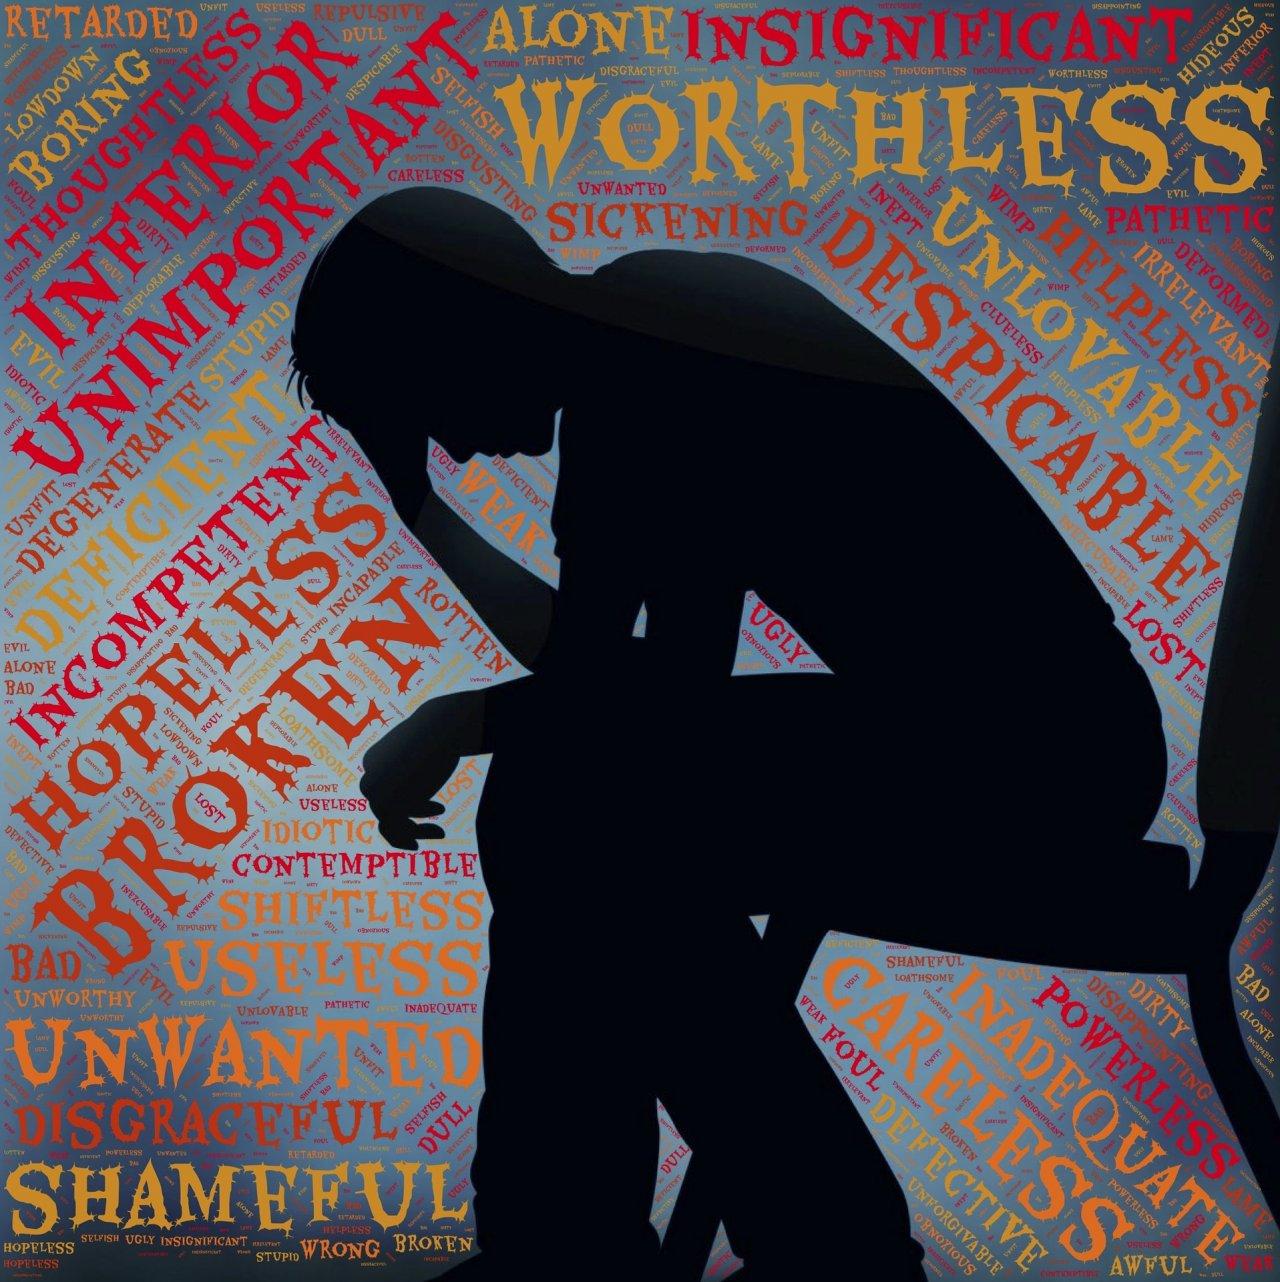 MIT研究:是心情不好,還是憂鬱症?回答七個問題,AI就能判斷你是否生病了